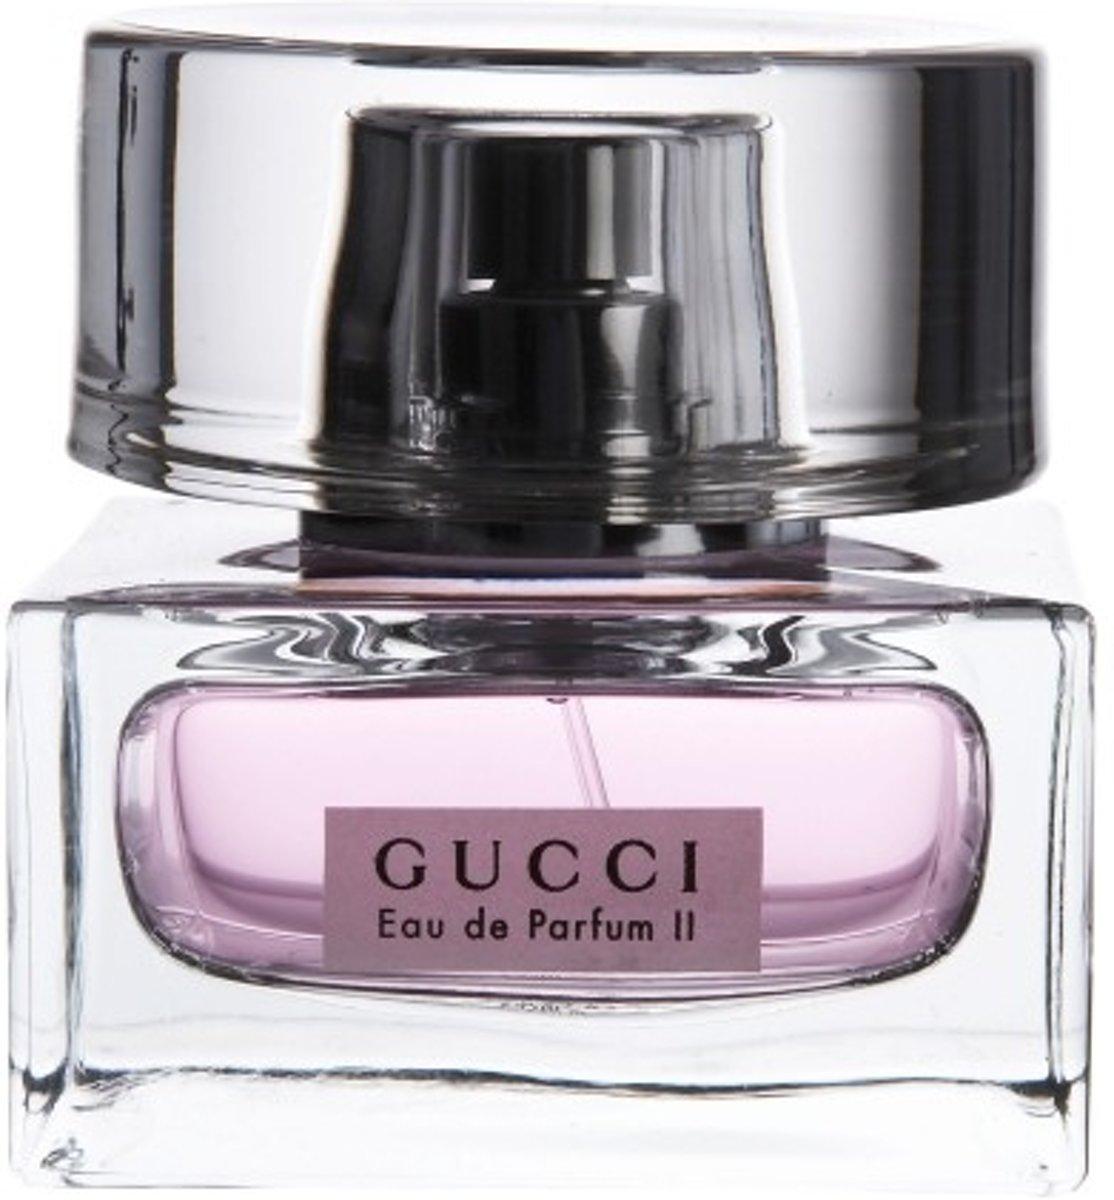 78183be7923 Gucci Dames Parfum, vergelijk hier de prijzen van parfum!